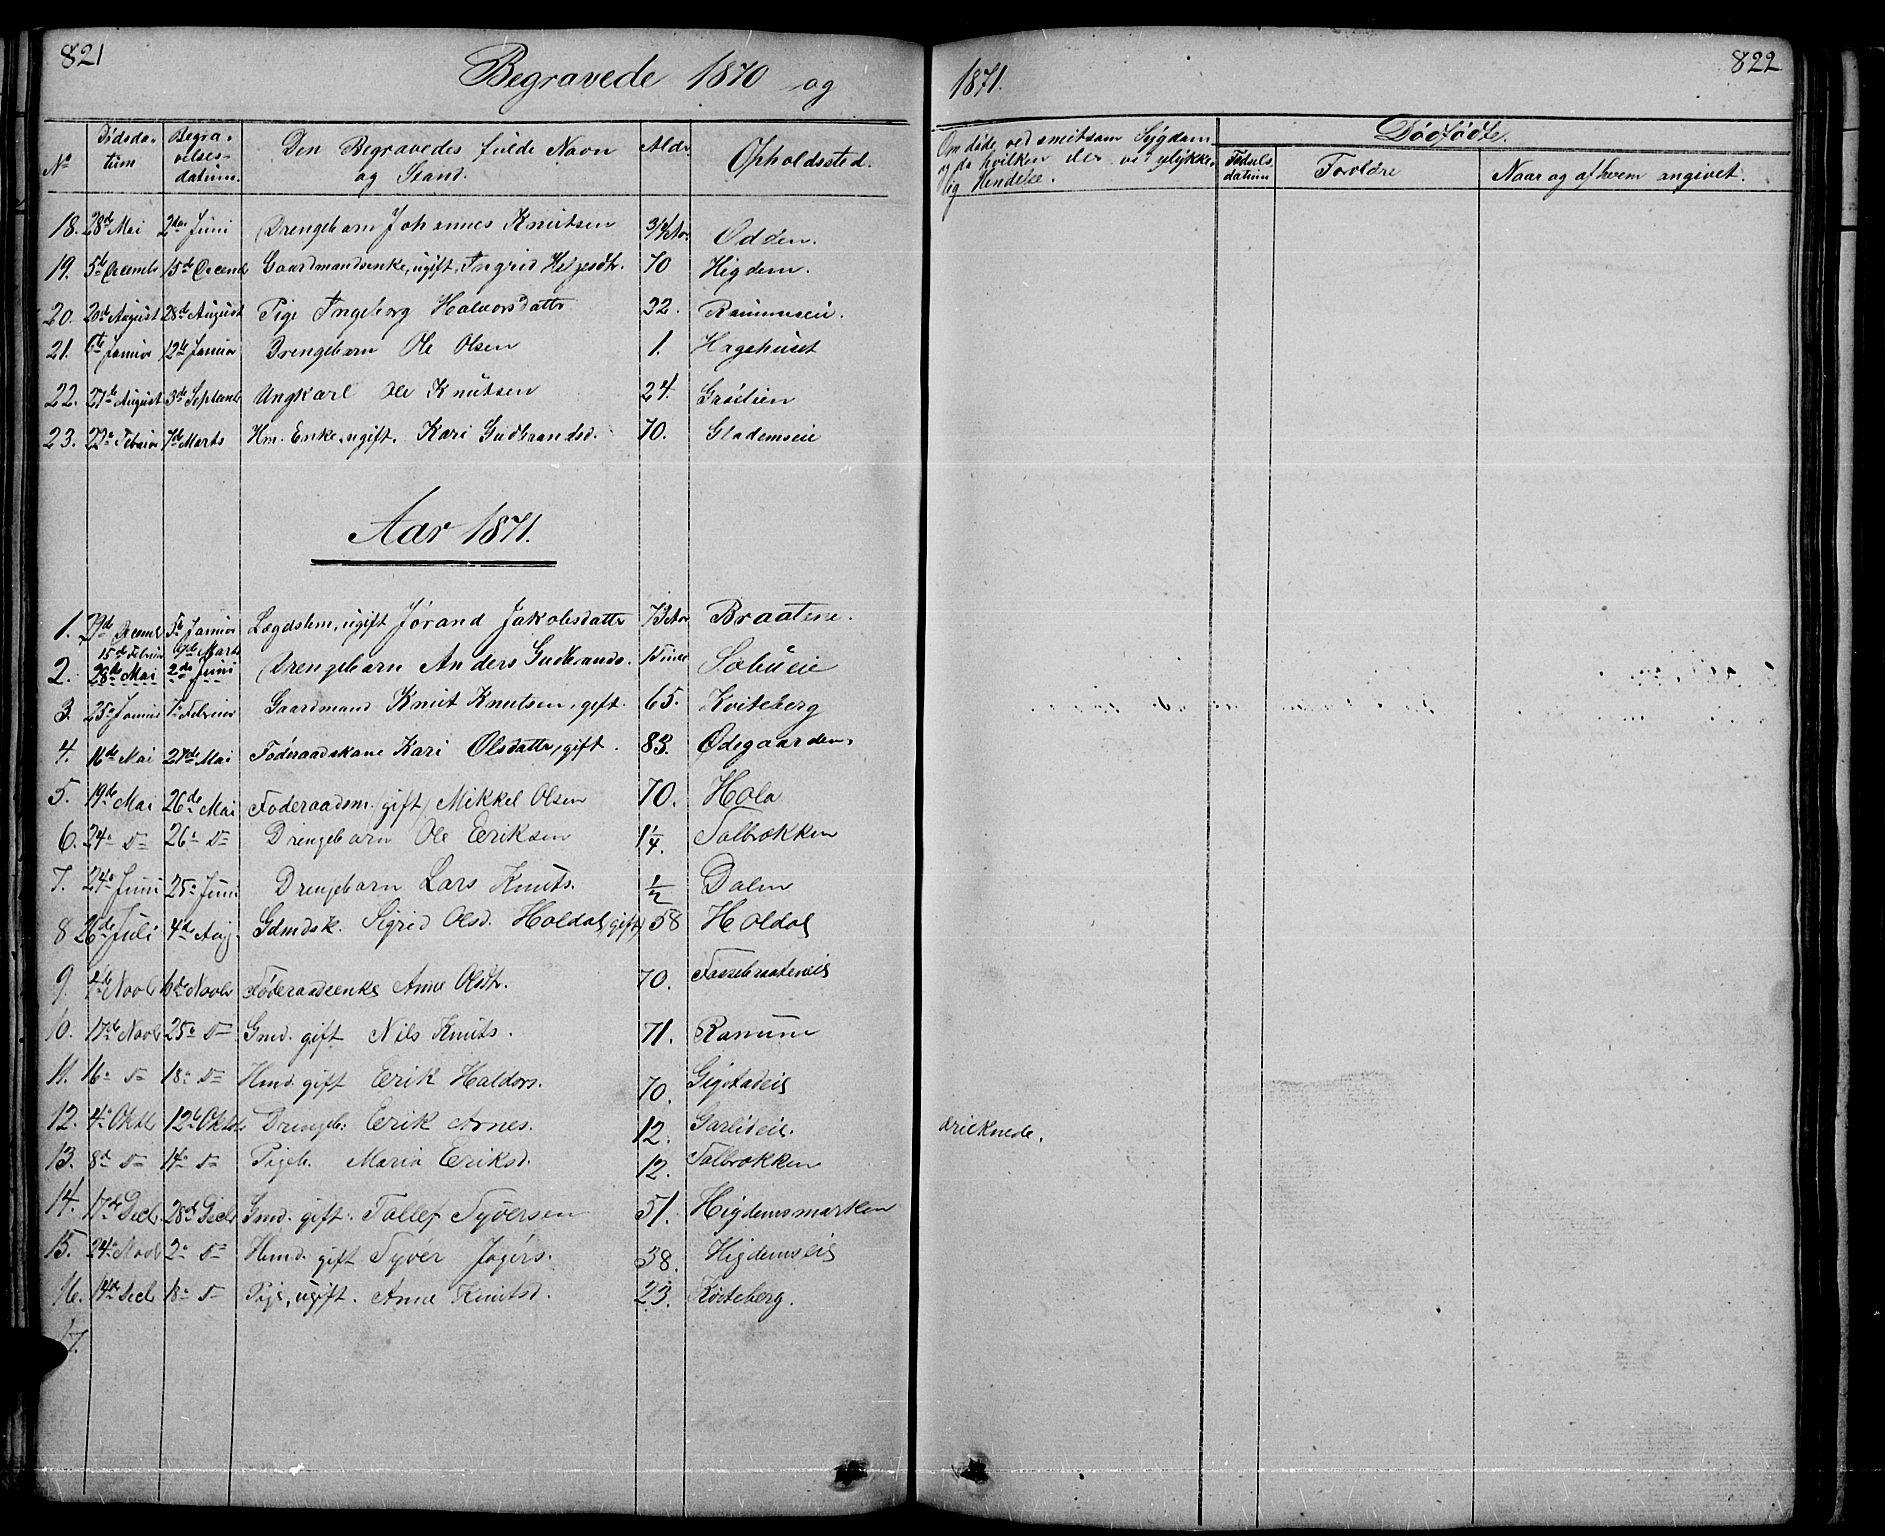 SAH, Nord-Aurdal prestekontor, Klokkerbok nr. 1, 1834-1887, s. 821-822